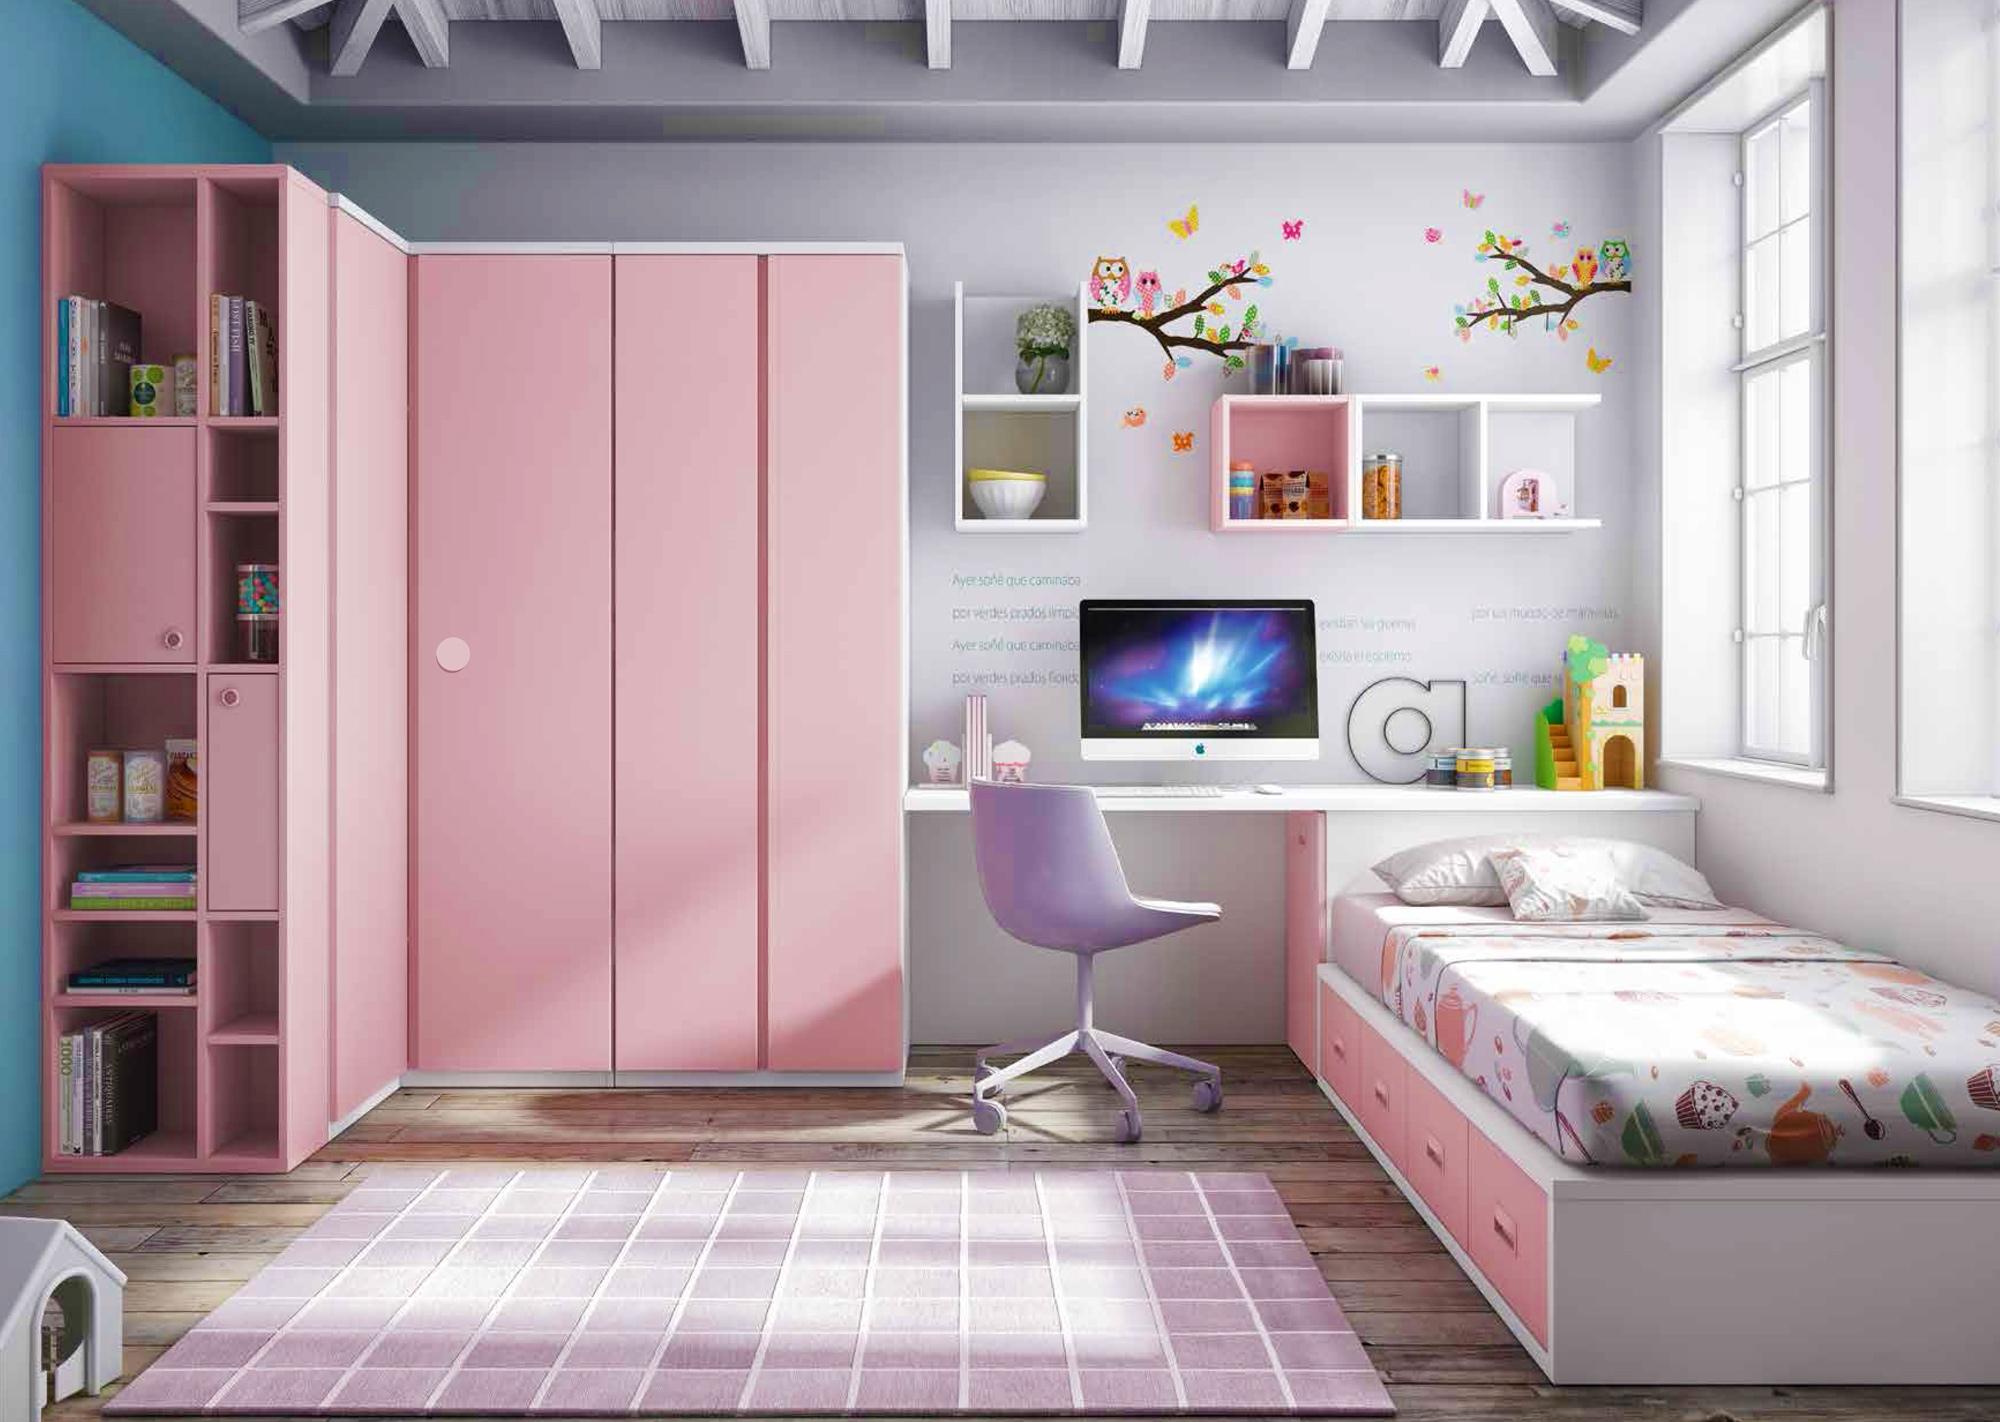 Chambre petite fille princesse - Petite chambre enfant ...